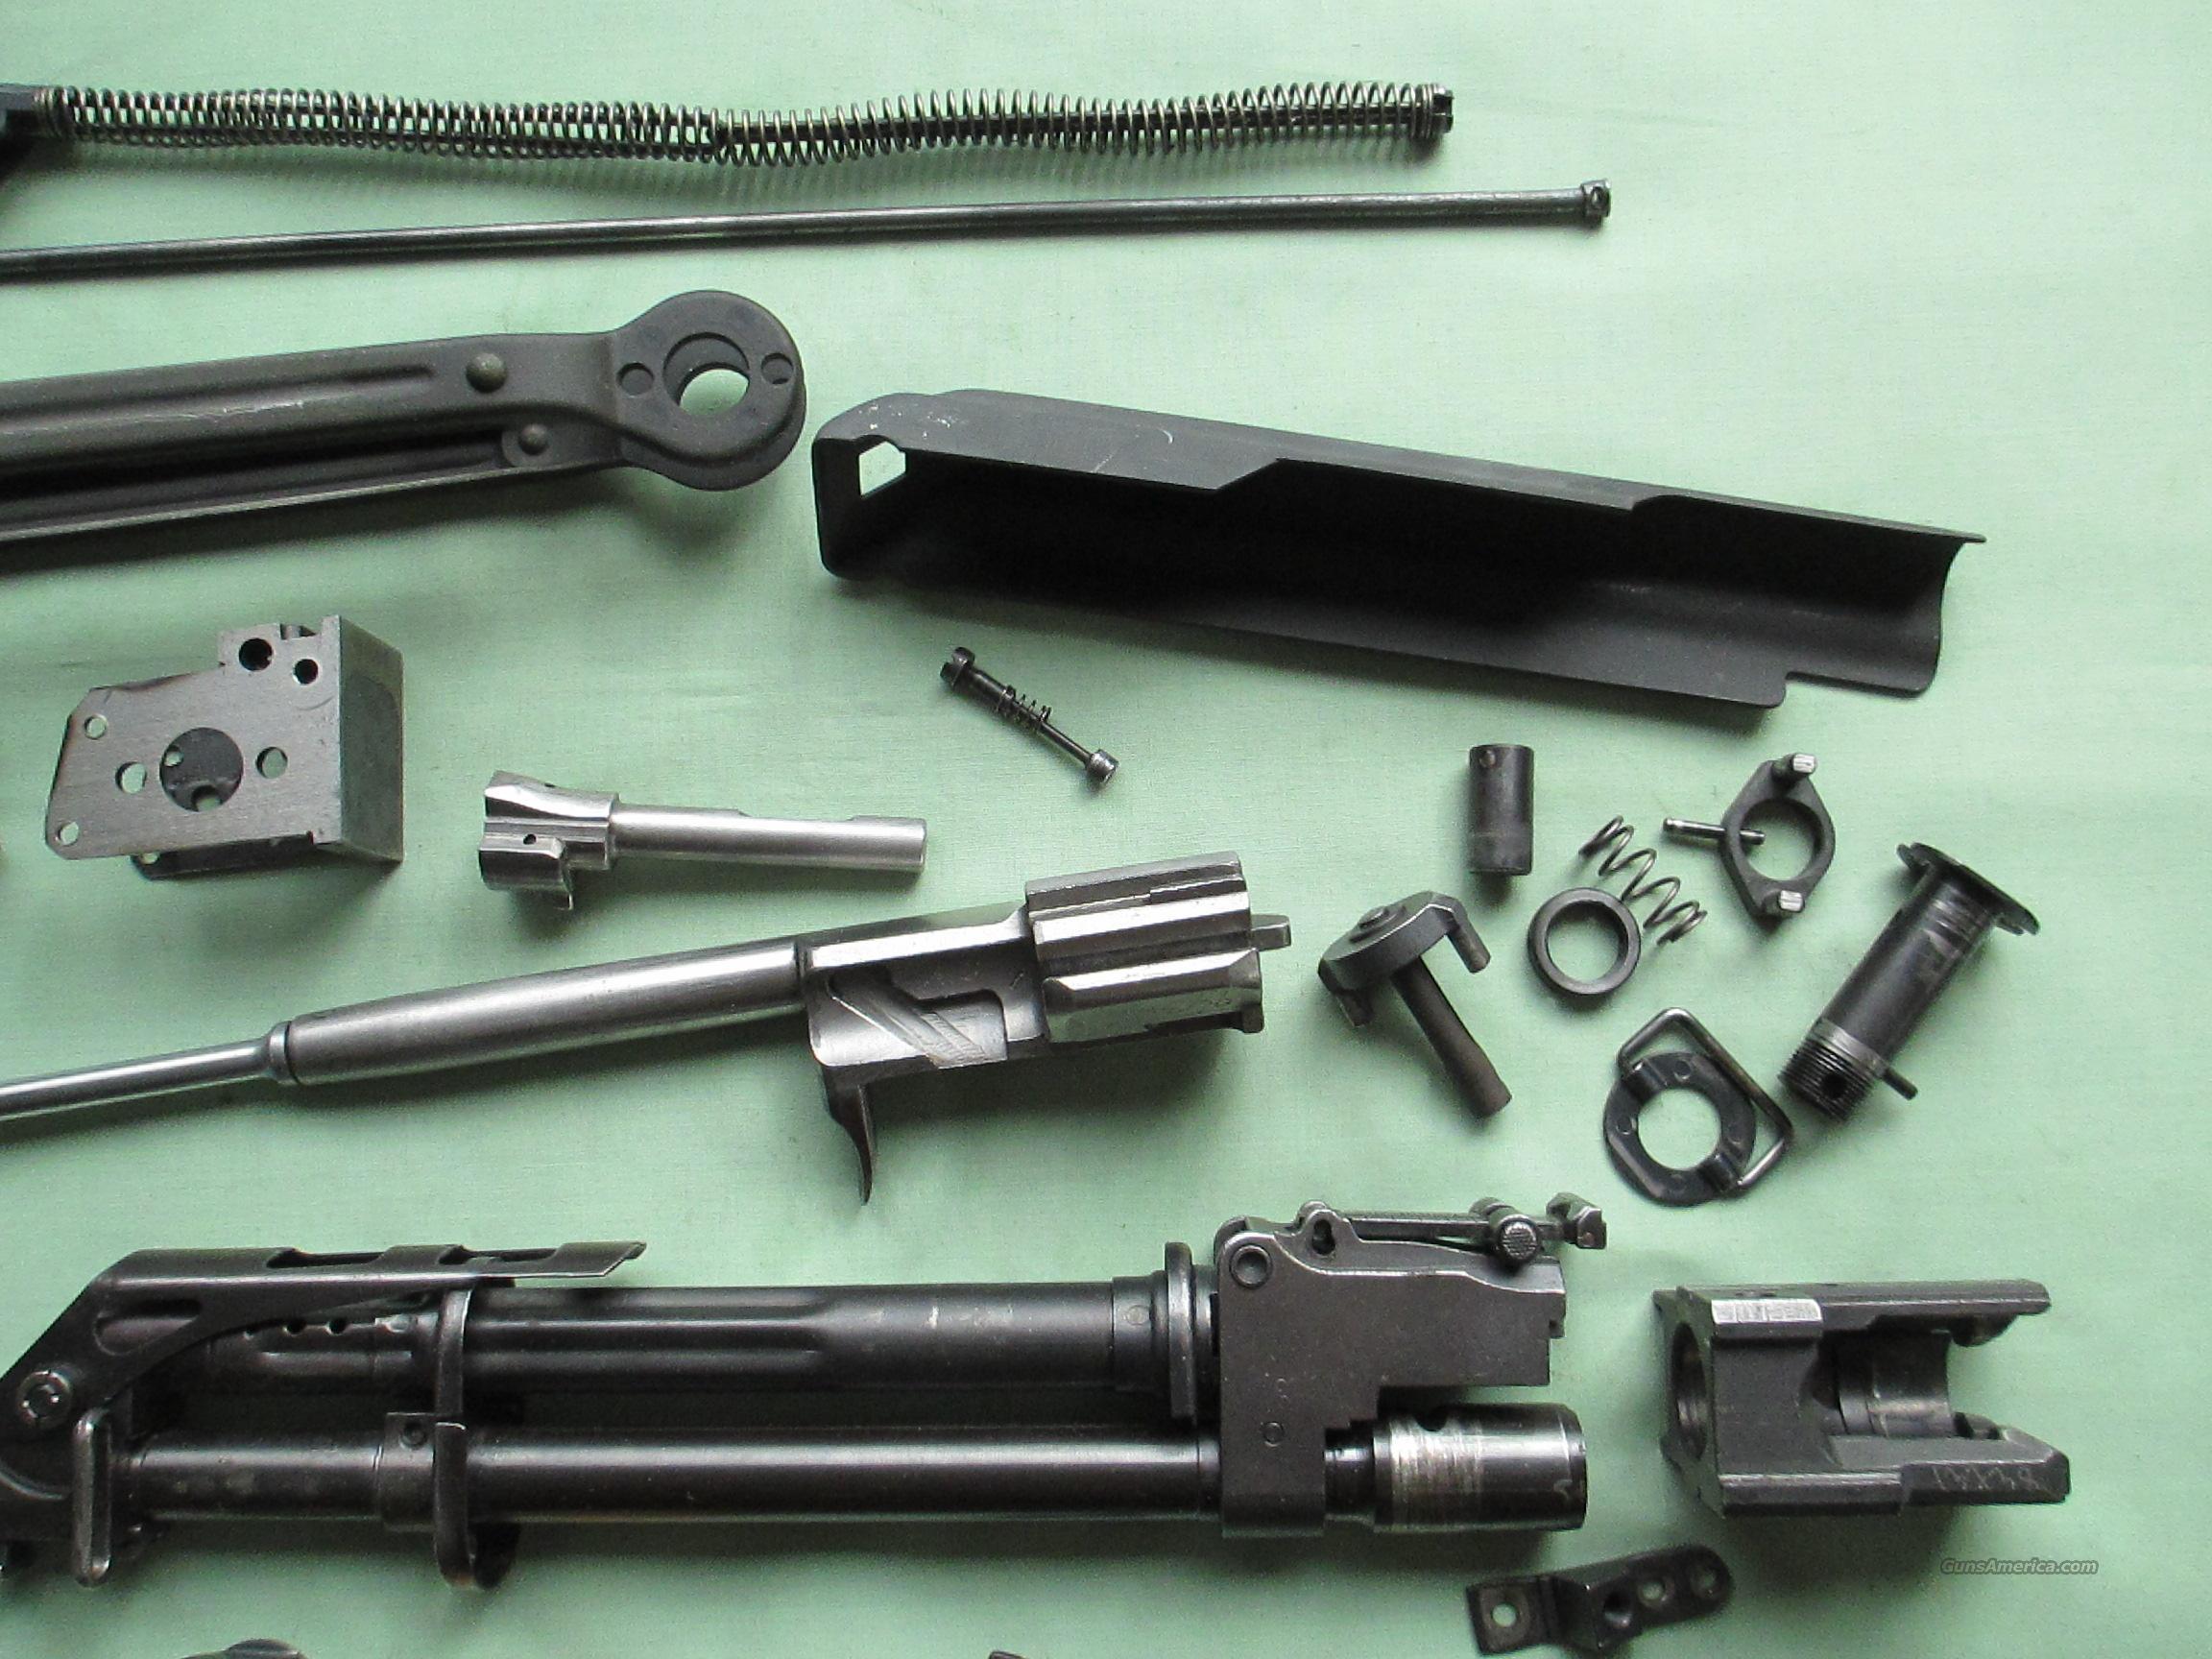 AK -47 YUGO M70 AB2 UF MILLED PARTS KIT